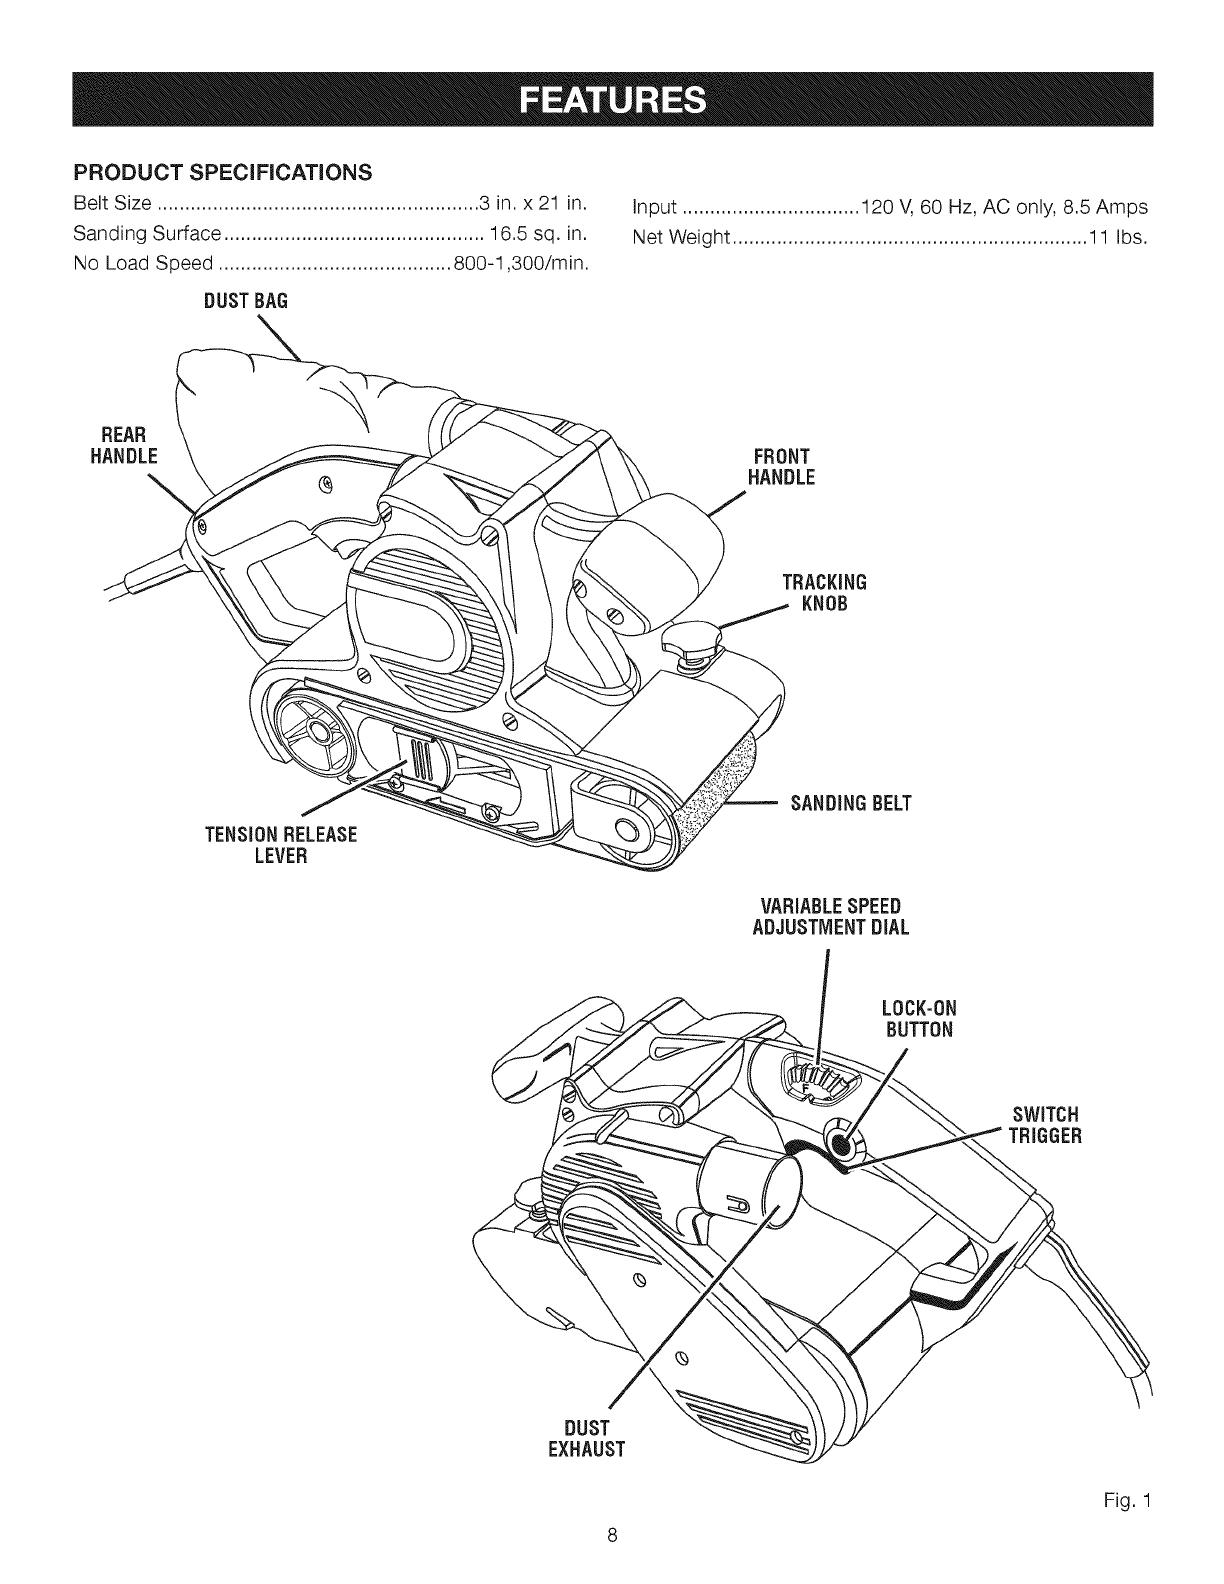 Craftsman User Manual Belt Sander Manuals And